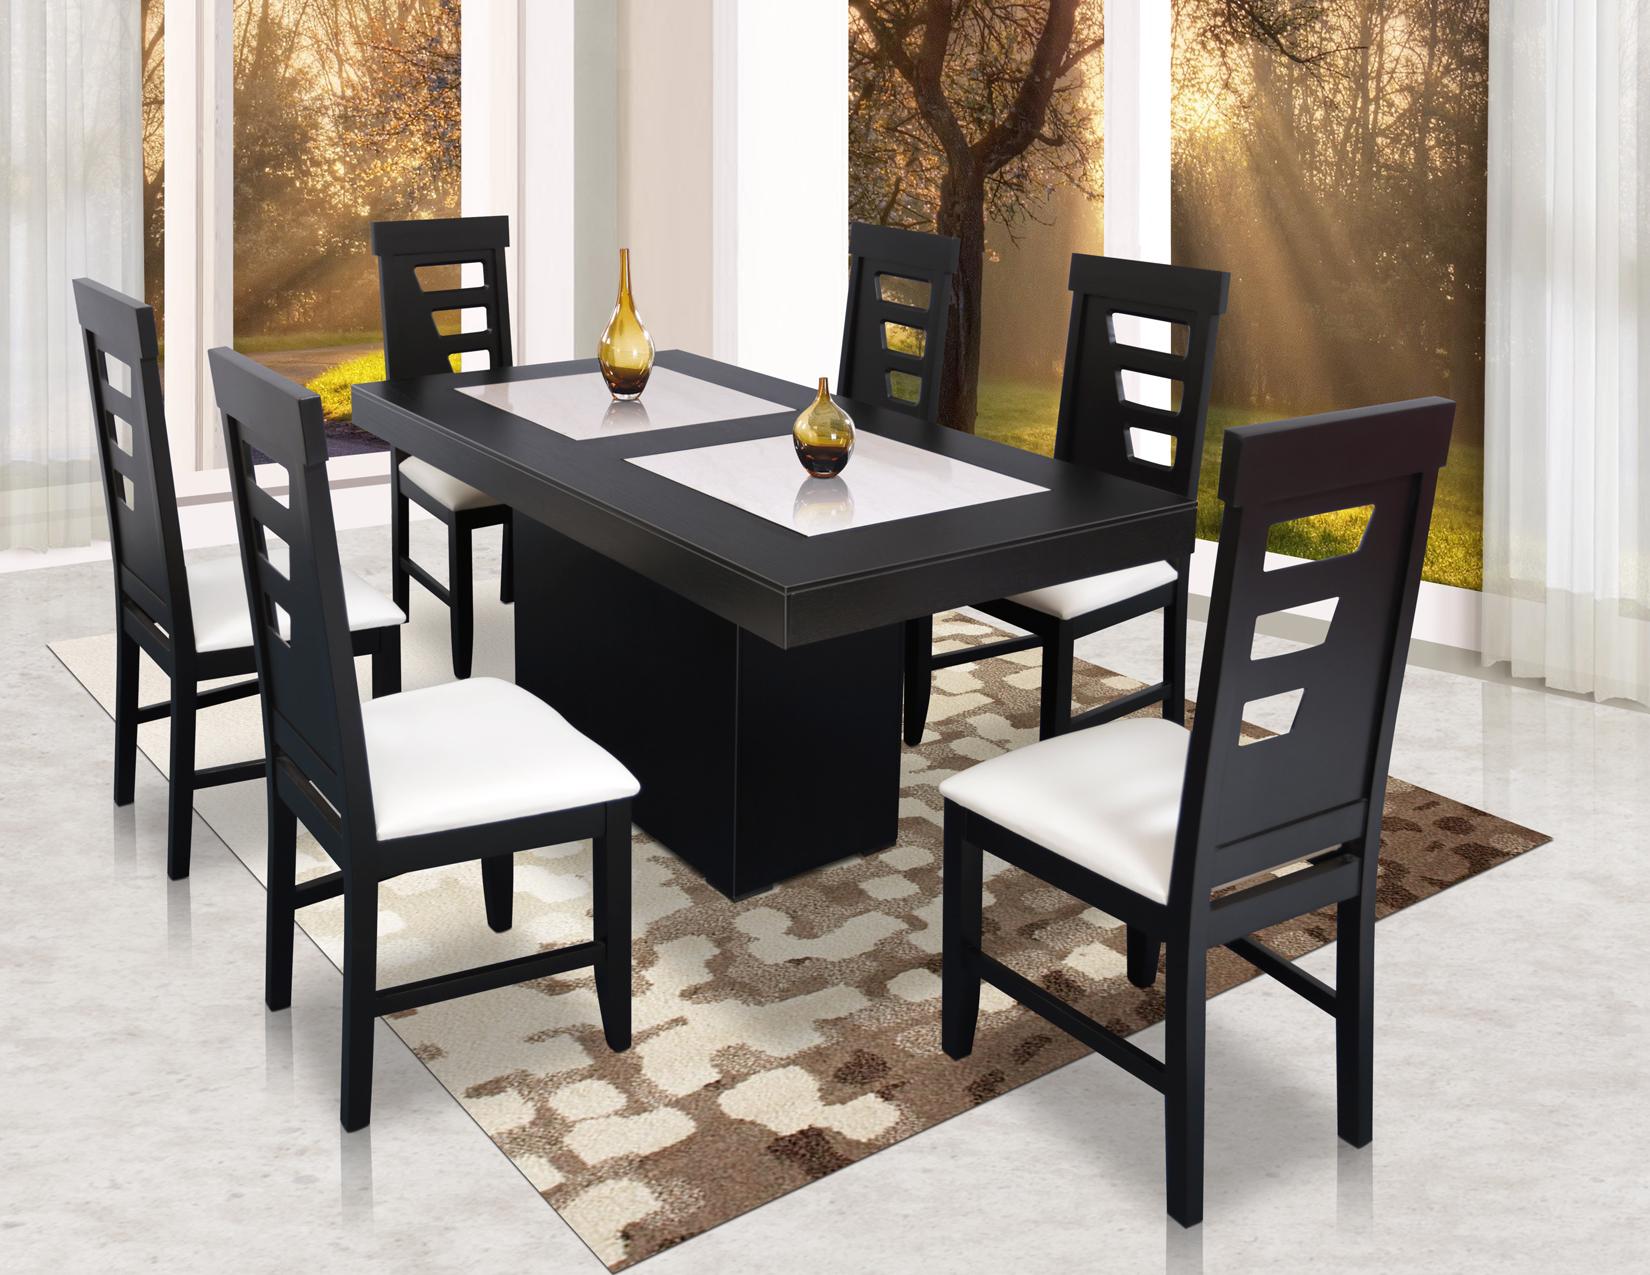 Paquete andre recamara k s comedor 6 sillas y centro de for Comedores de madera economicos